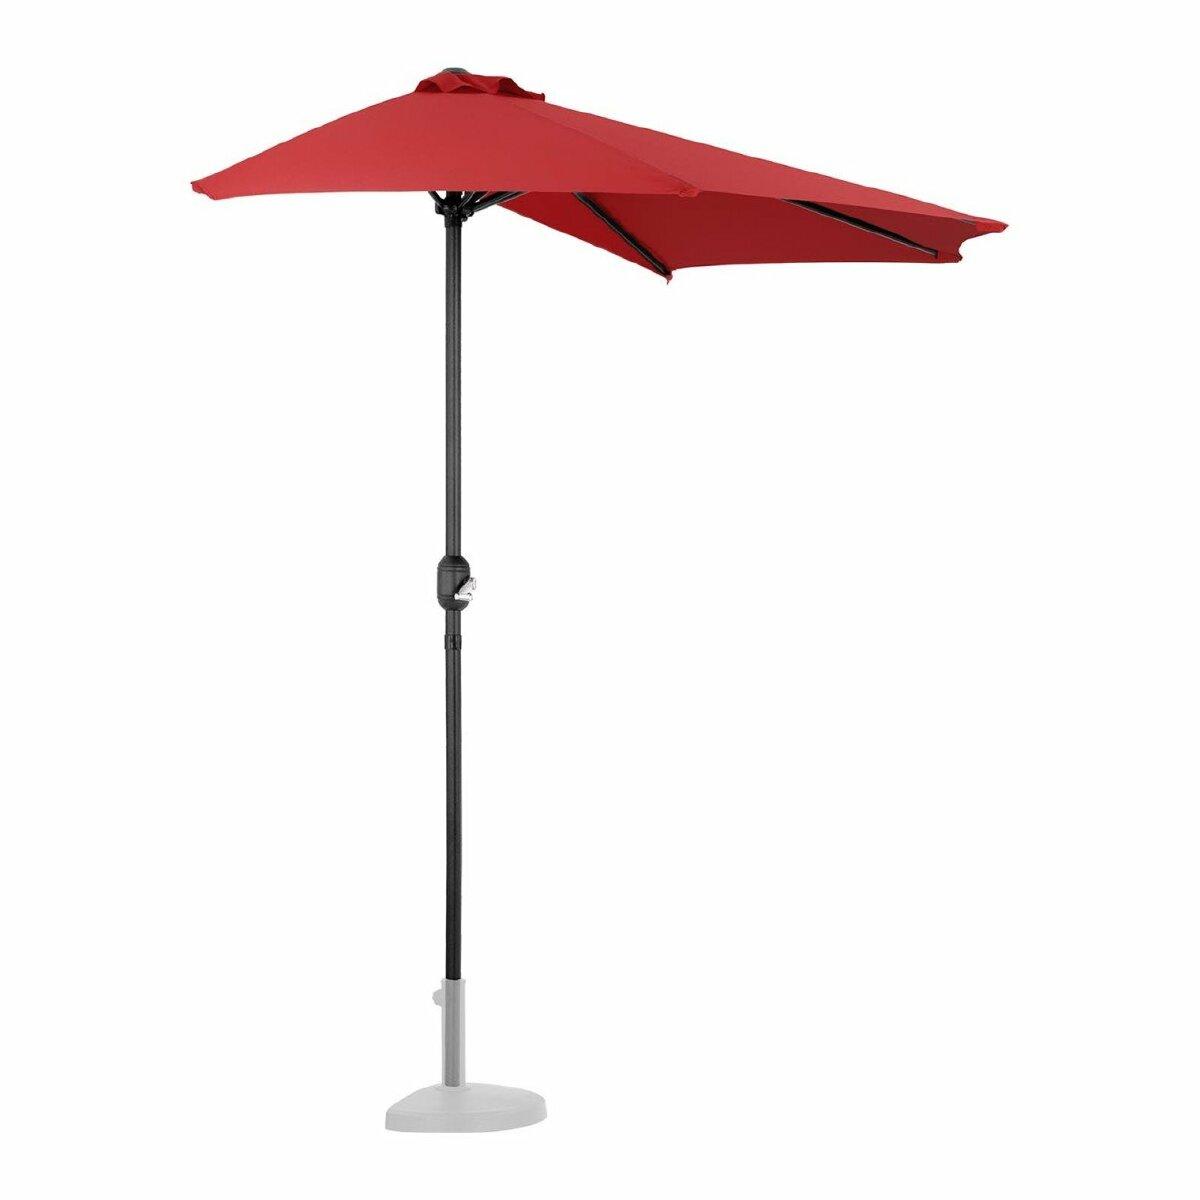 Helloshop26 Demi parasol de jardin meuble abri terrasse pentagonal 270 x 135 cm rouge 14_0001341